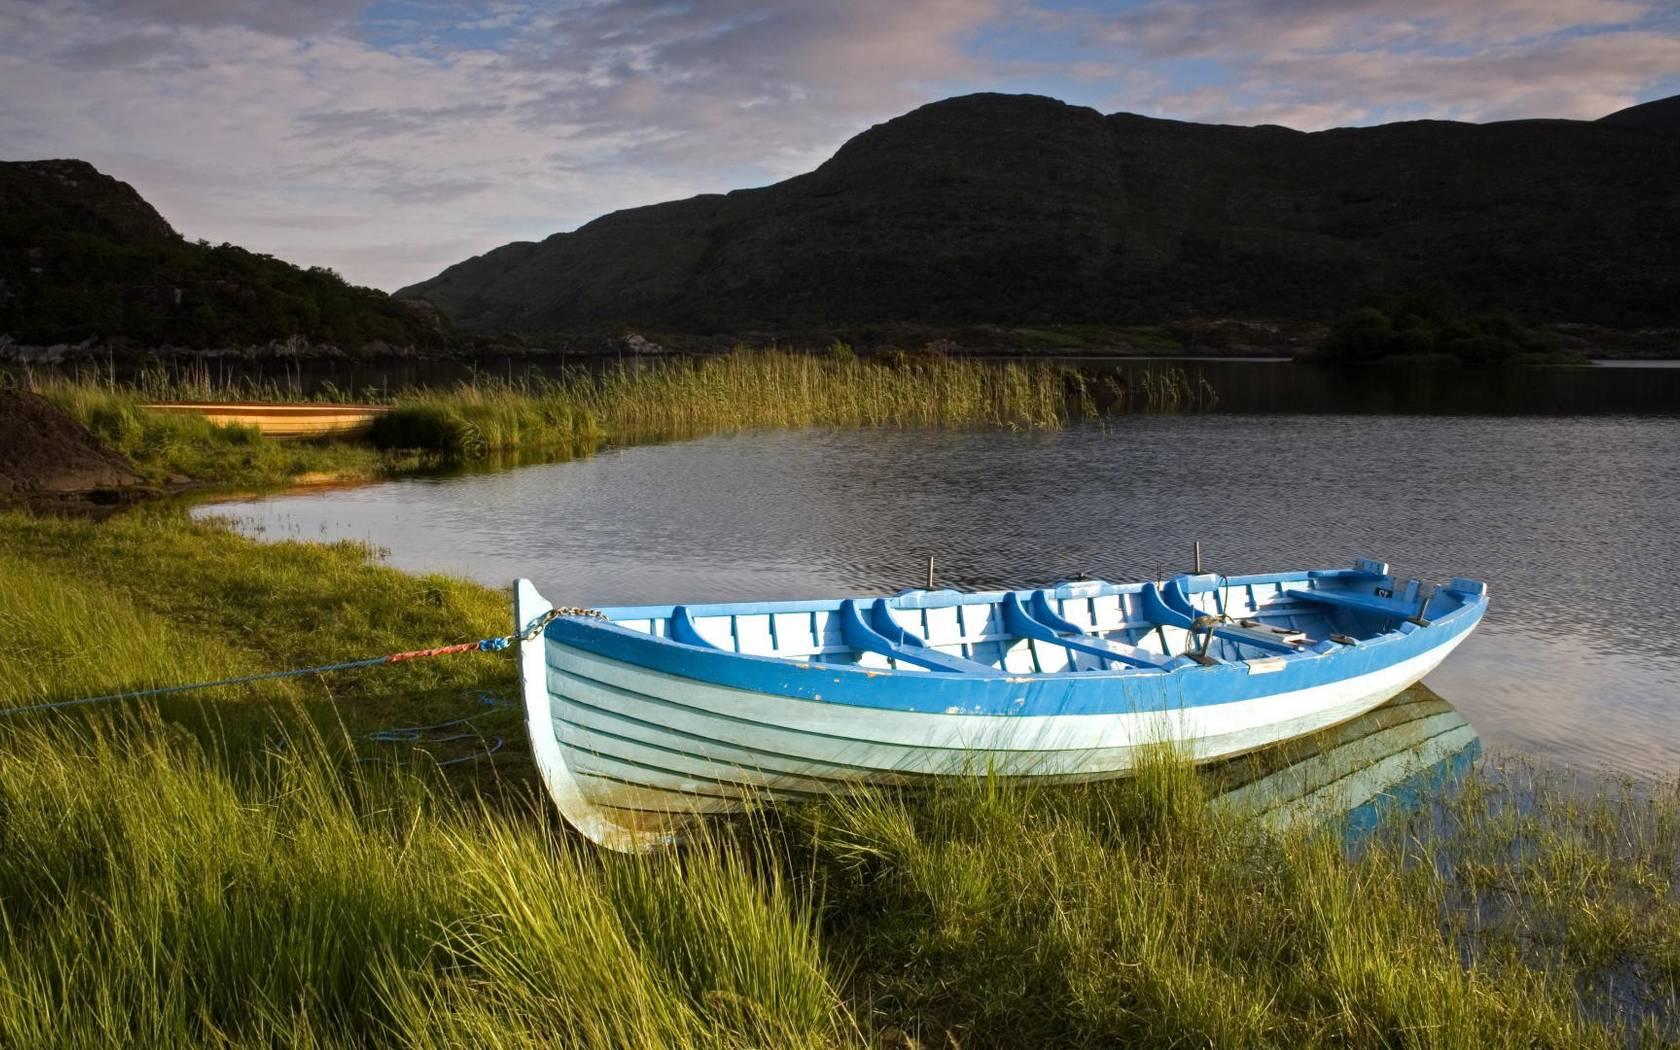 На лодке в горном озере  № 3062488 без смс